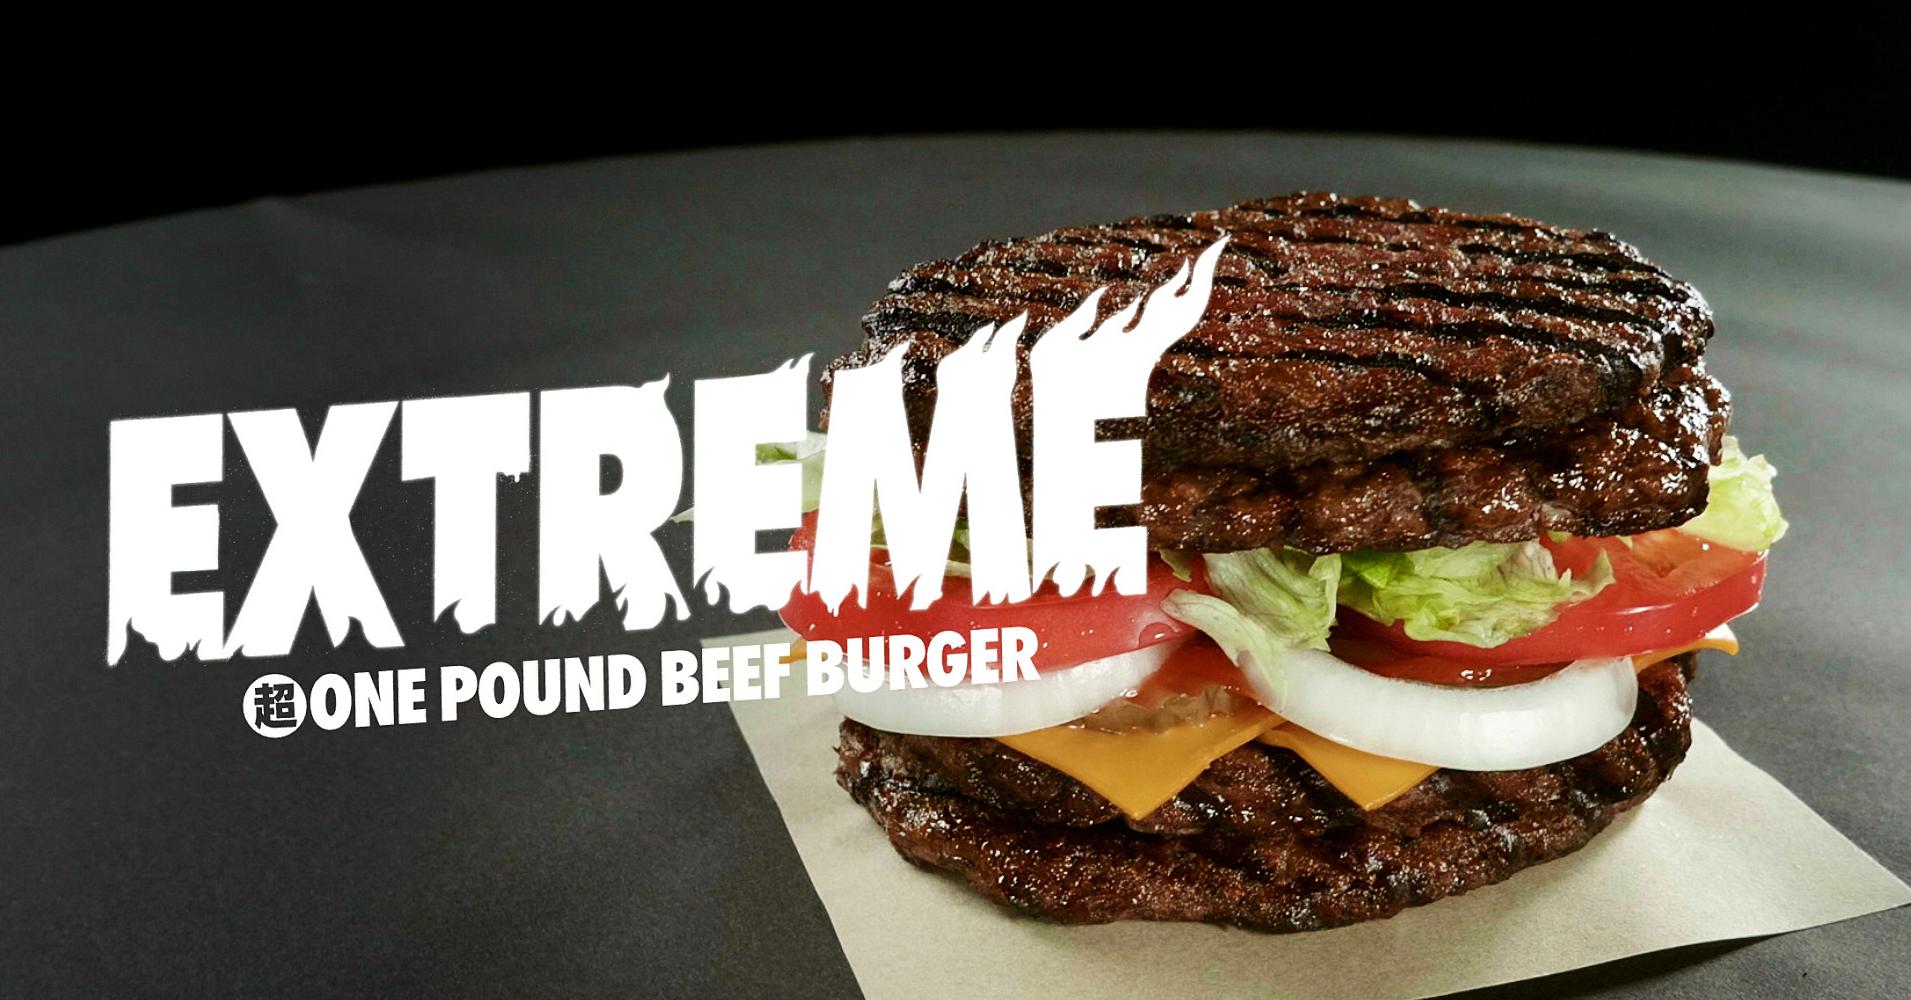 照片中提到了EXTREME、ONE POUND BEEF BURGER,包含了布法羅漢堡、素漢堡、垃圾食品、布法羅漢堡、芝士漢堡